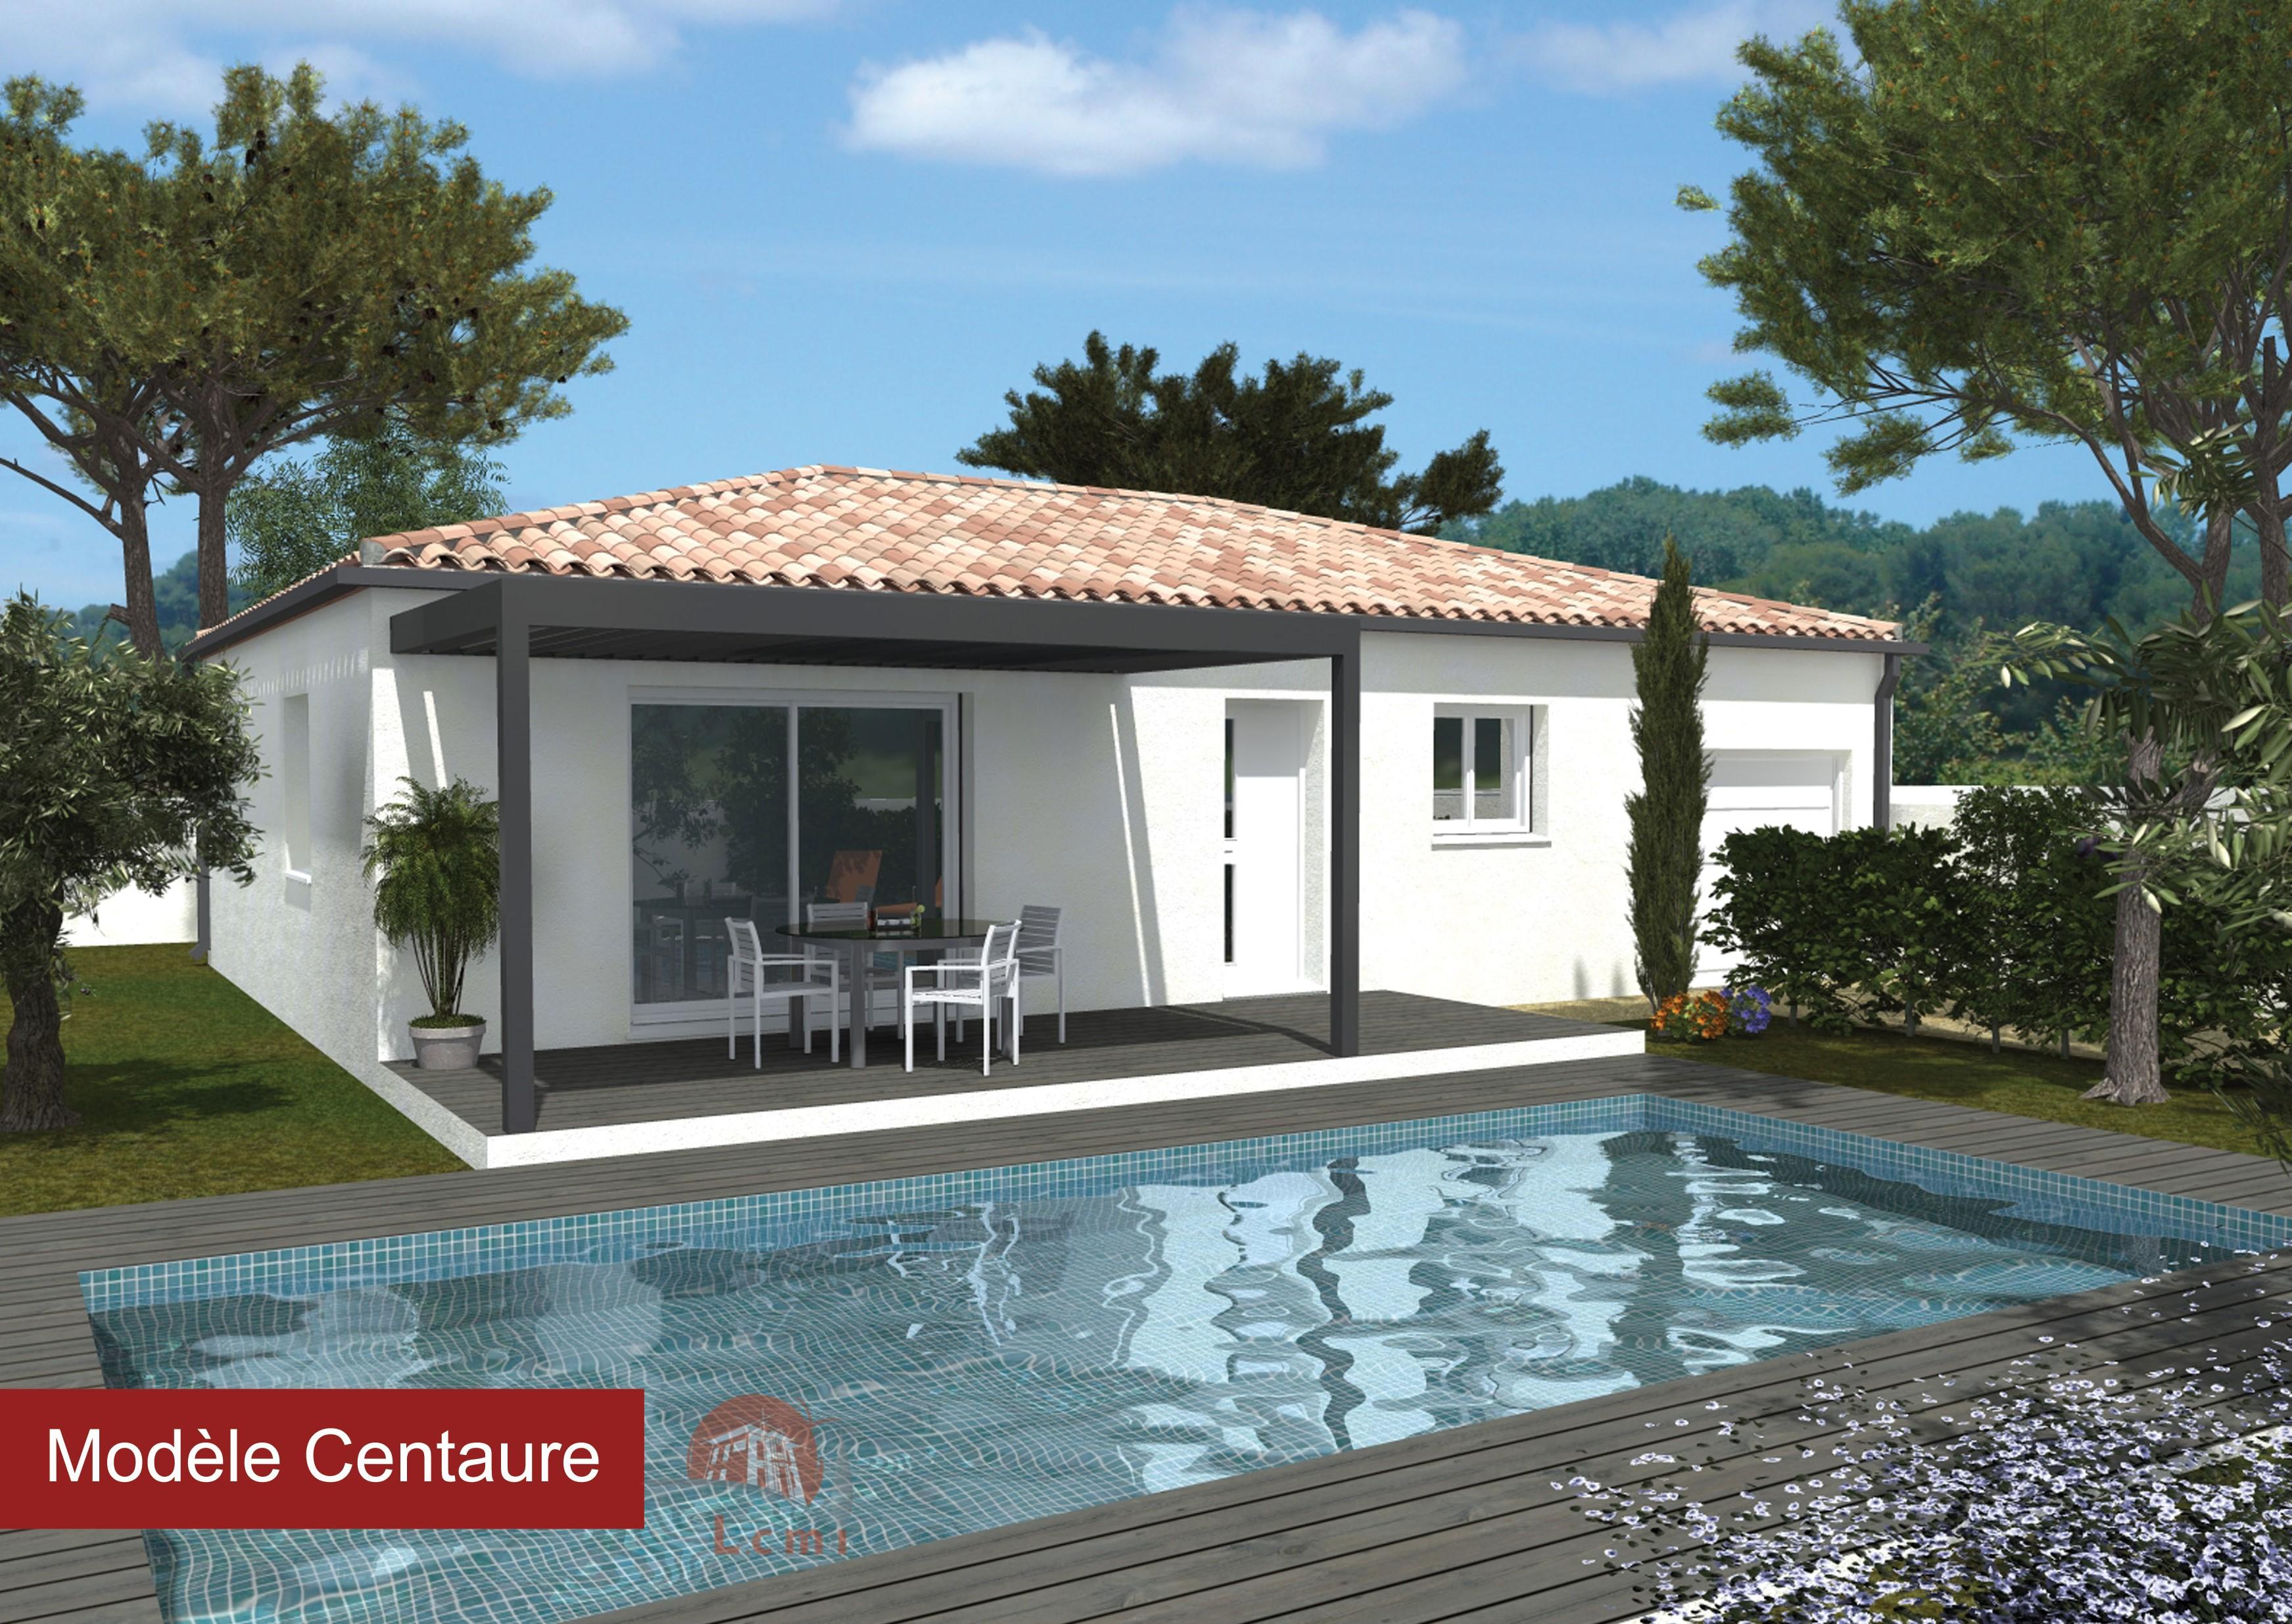 Maisons + Terrains du constructeur LACIN CONSTRUCTION • 90 m² • LIGNAN SUR ORB